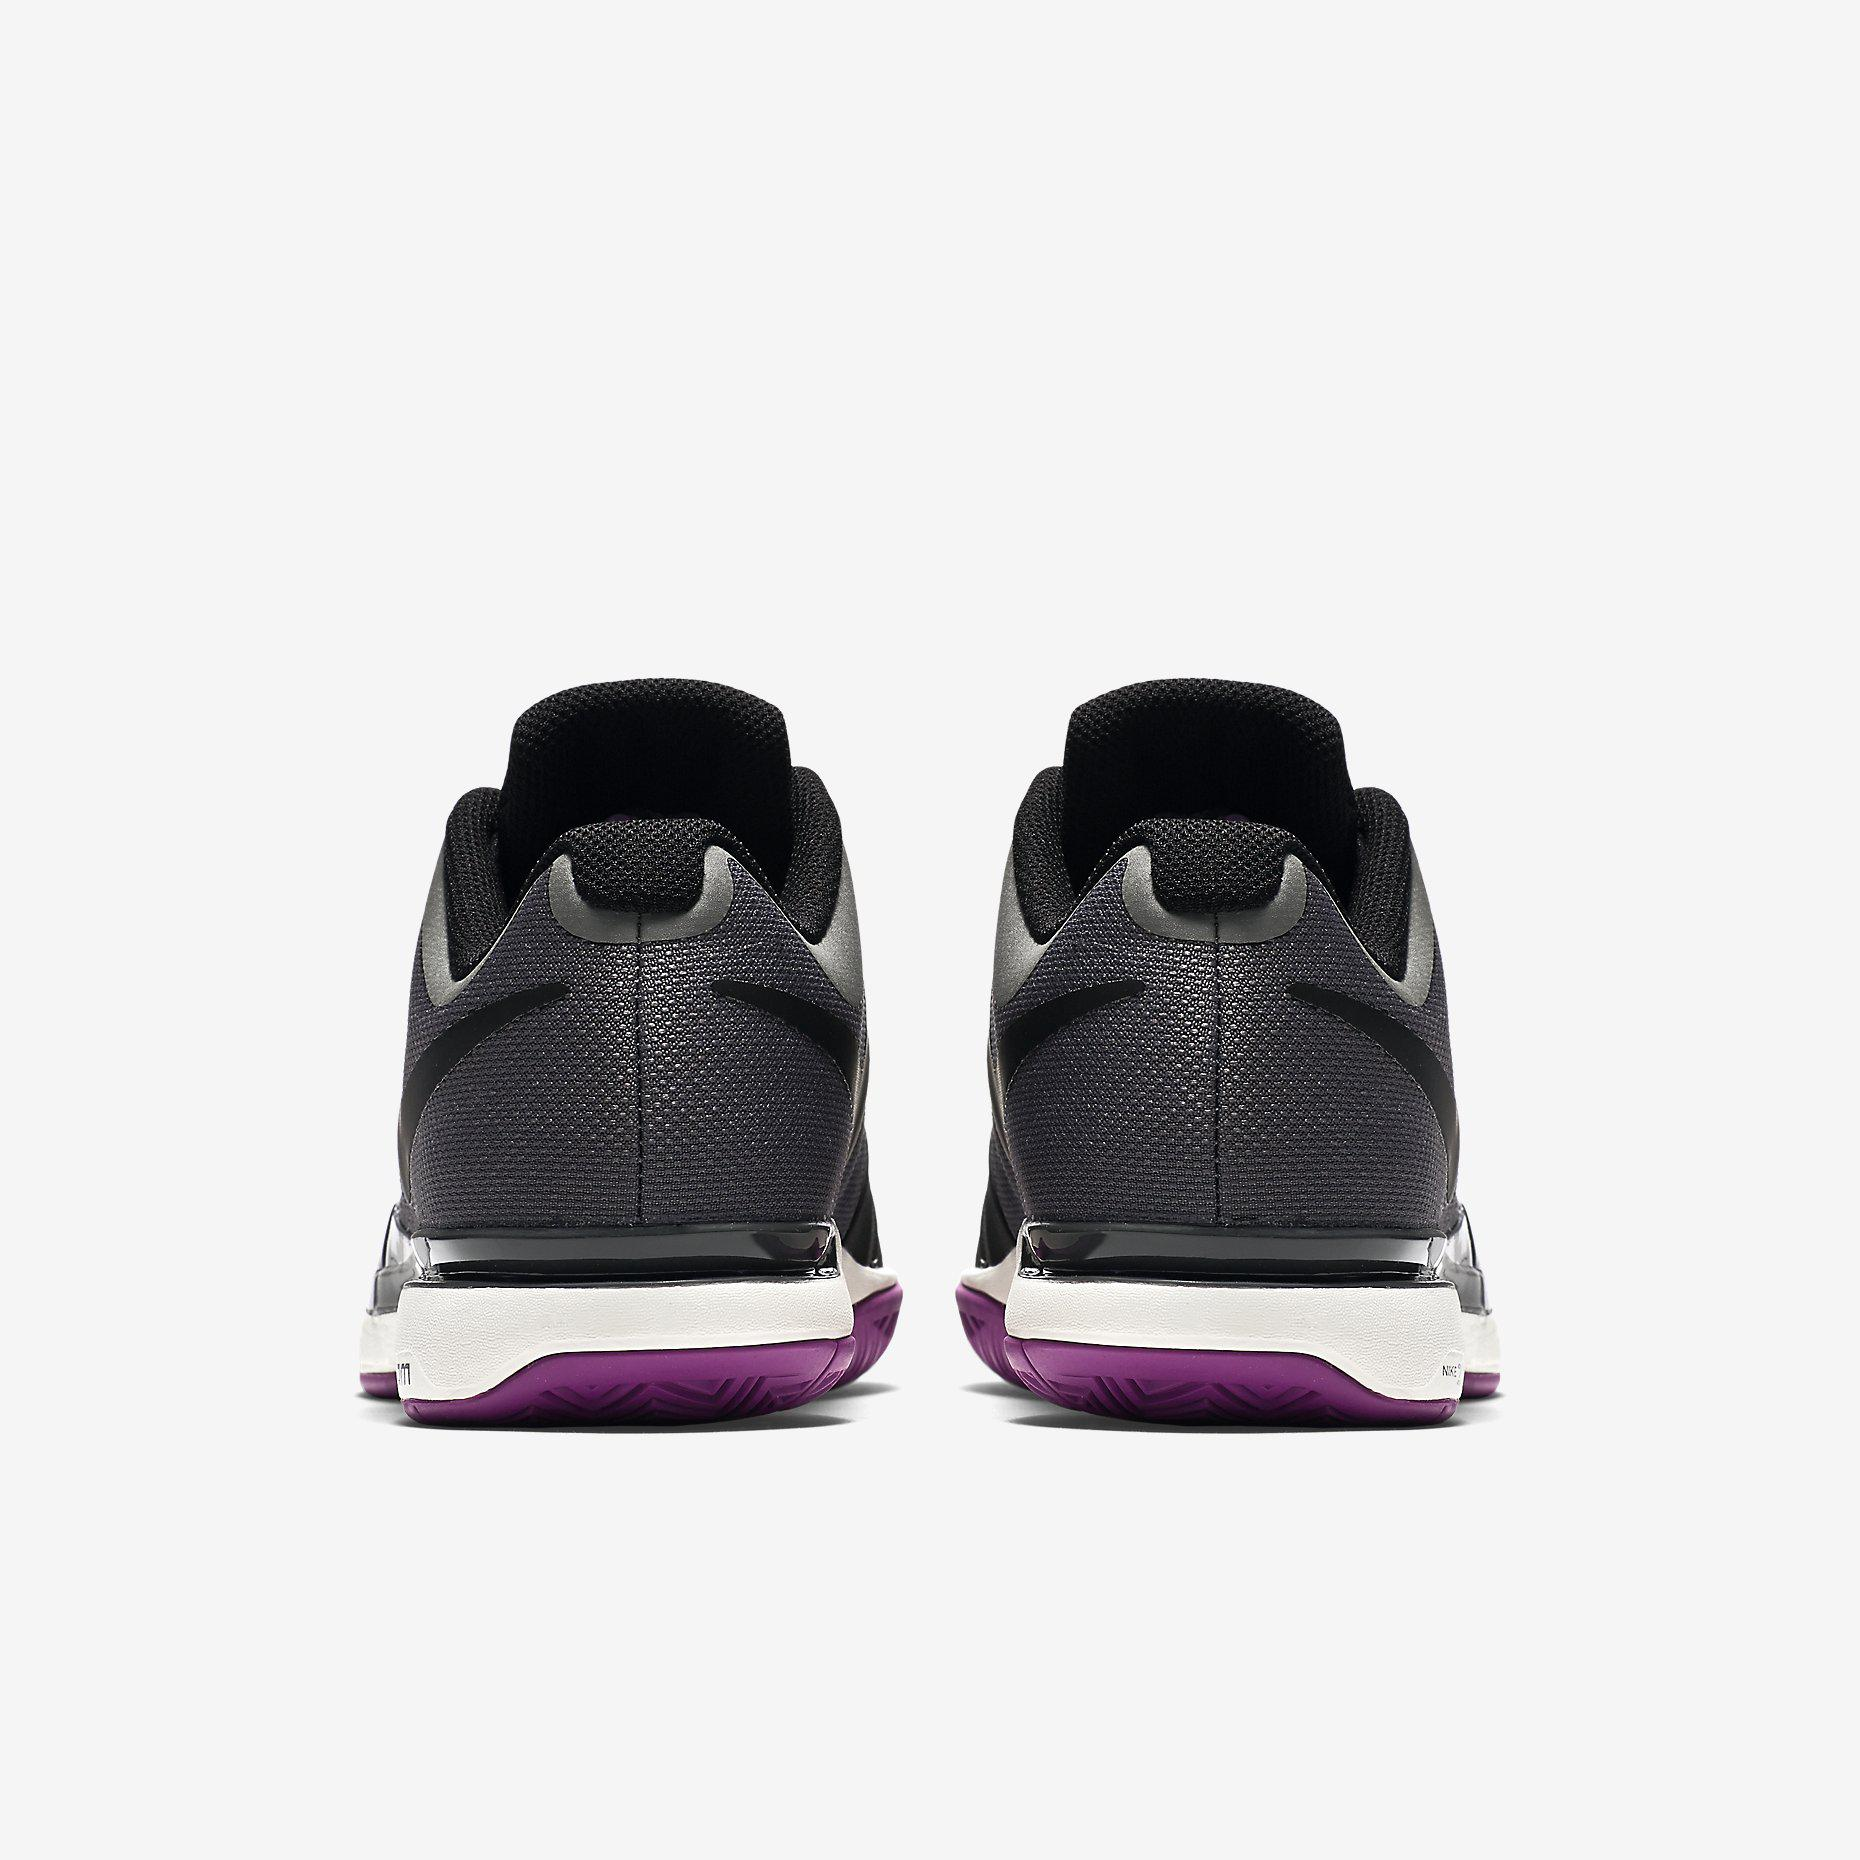 new product f07f2 e438c ... Nike Vapeur Zoom Femmes 9.5 Chaussures De Tennis - Minuit Couleur De  Brouillard Ce2XmTLgV